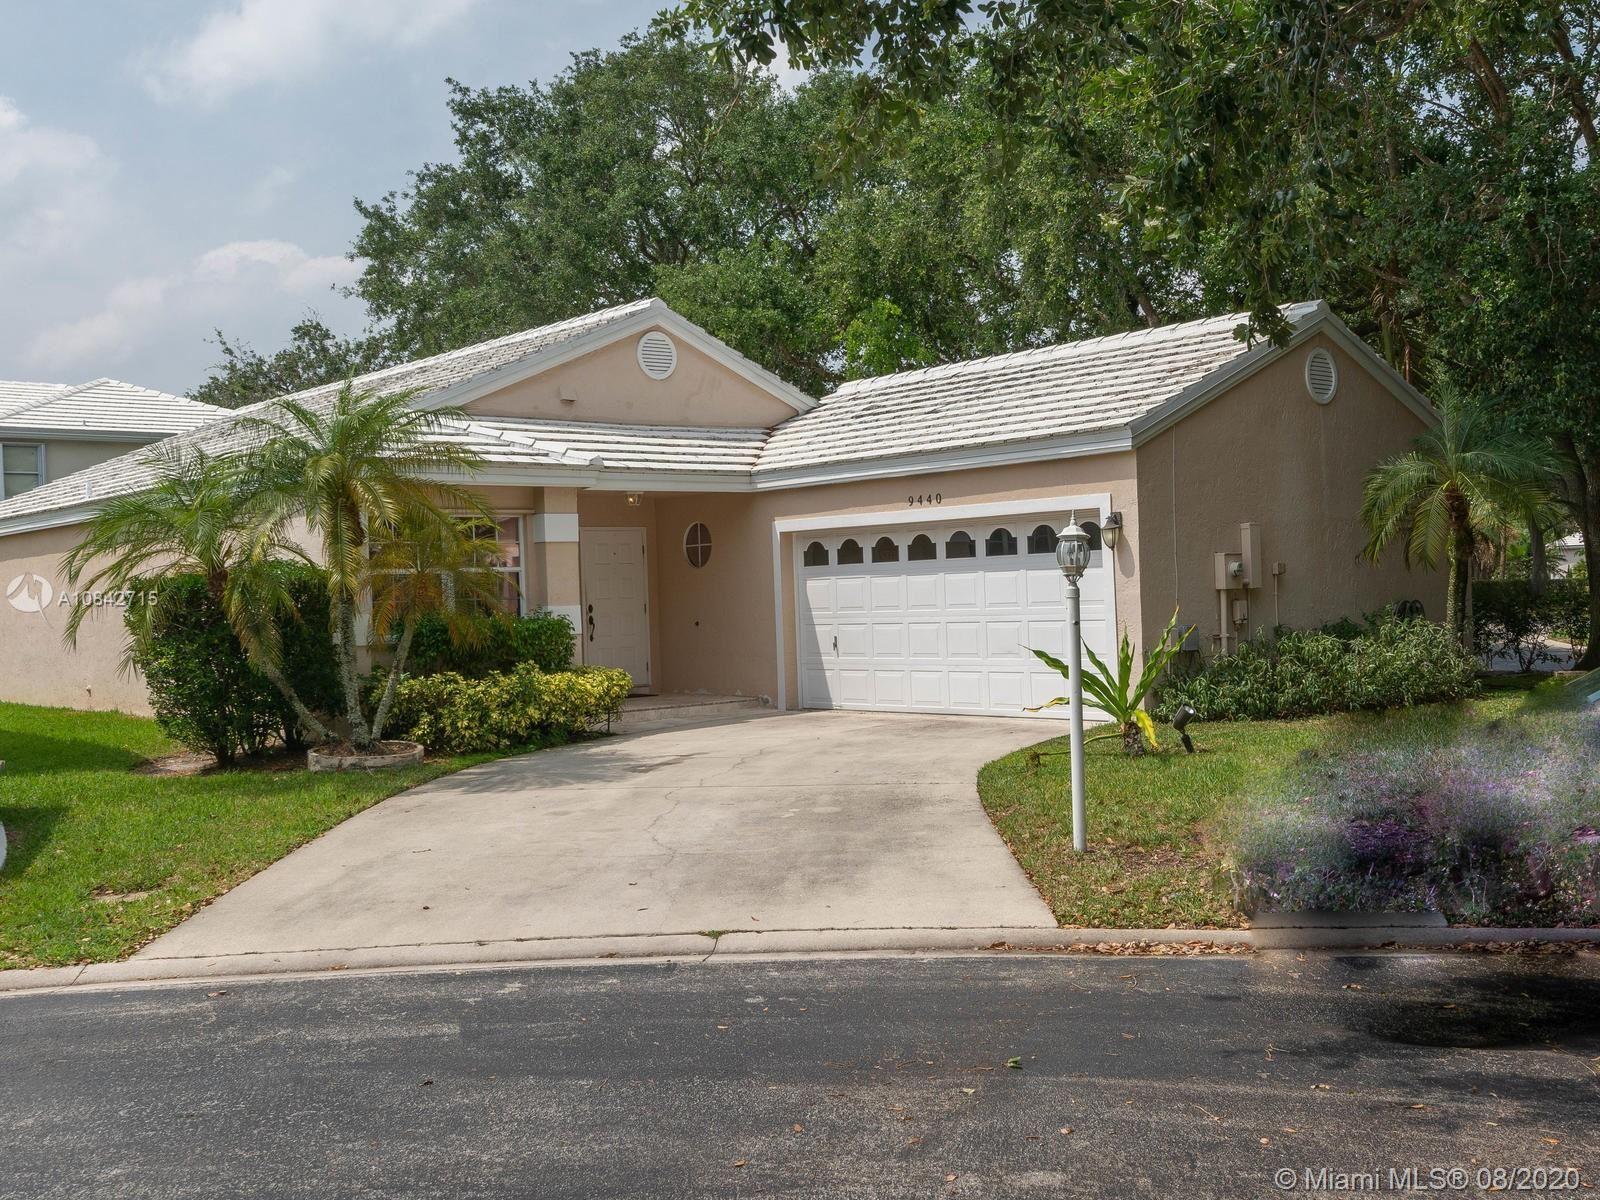 9440 NW 8th Circle, Plantation, FL 33324 - #: A10842715